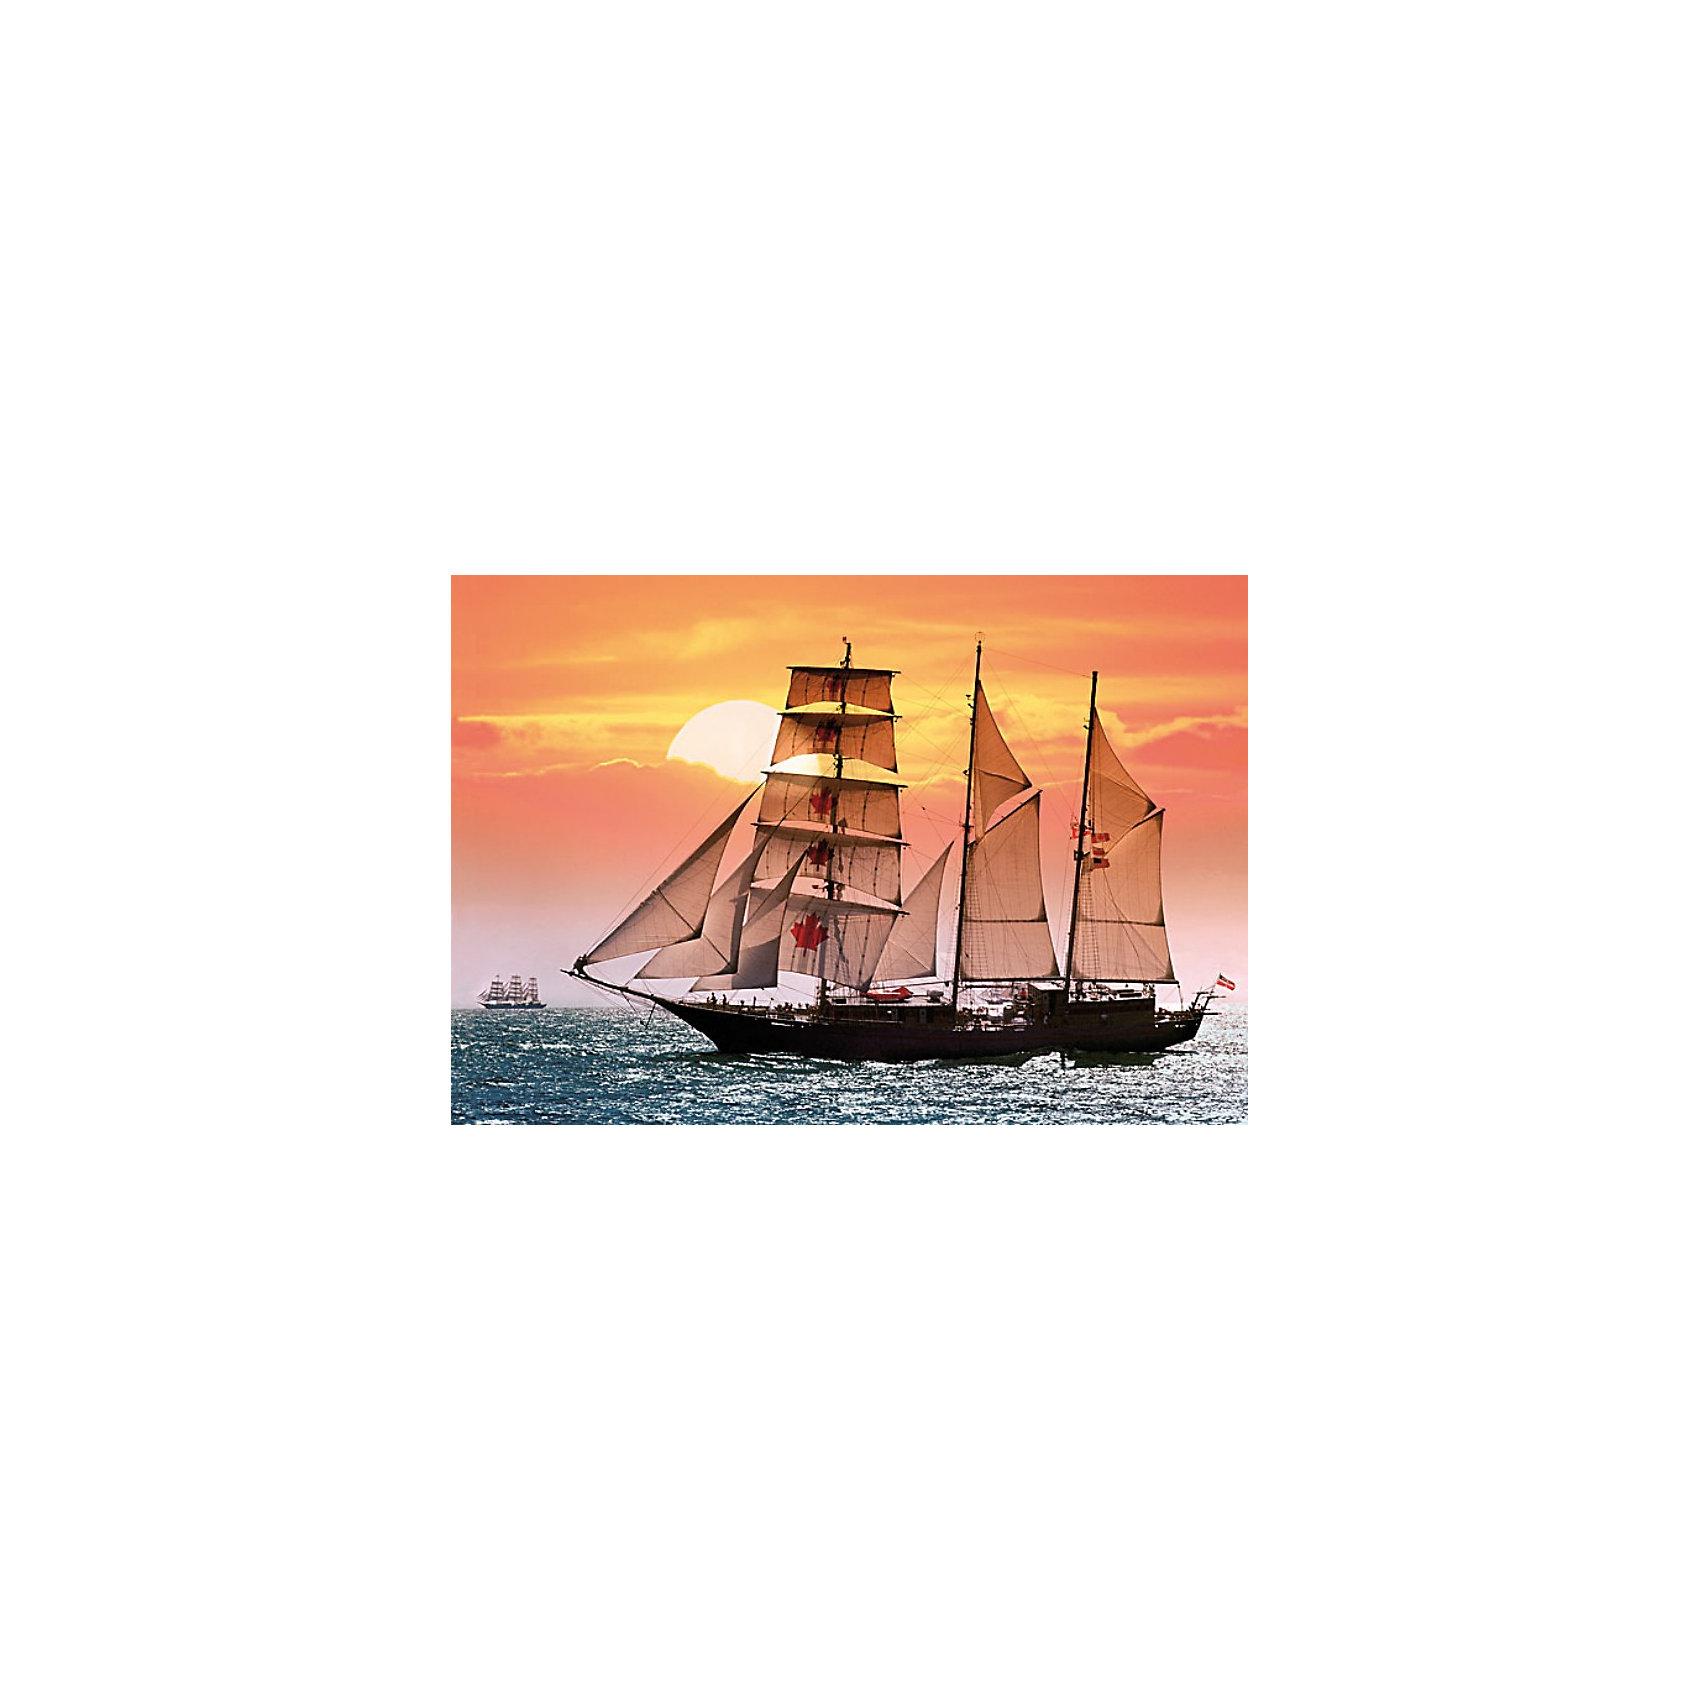 Пазлы Парусник, 1000 деталей, CastorlandКлассические пазлы<br>Пазлы Парусник, 1000 деталей - яркий, красивый и качественный пазл на морскую тематику.<br><br>Дополнительная информация:<br><br>- Кол-во деталей: 1000 шт.<br>- Материал: картон.<br>- Размер собранной картинки: 68 х 47 см.<br>- Размеры: 350x250x50 мм.<br><br>Ширина мм: 350<br>Глубина мм: 50<br>Высота мм: 250<br>Вес г: 500<br>Возраст от месяцев: 168<br>Возраст до месяцев: 1188<br>Пол: Унисекс<br>Возраст: Детский<br>Количество деталей: 1000<br>SKU: 2562324